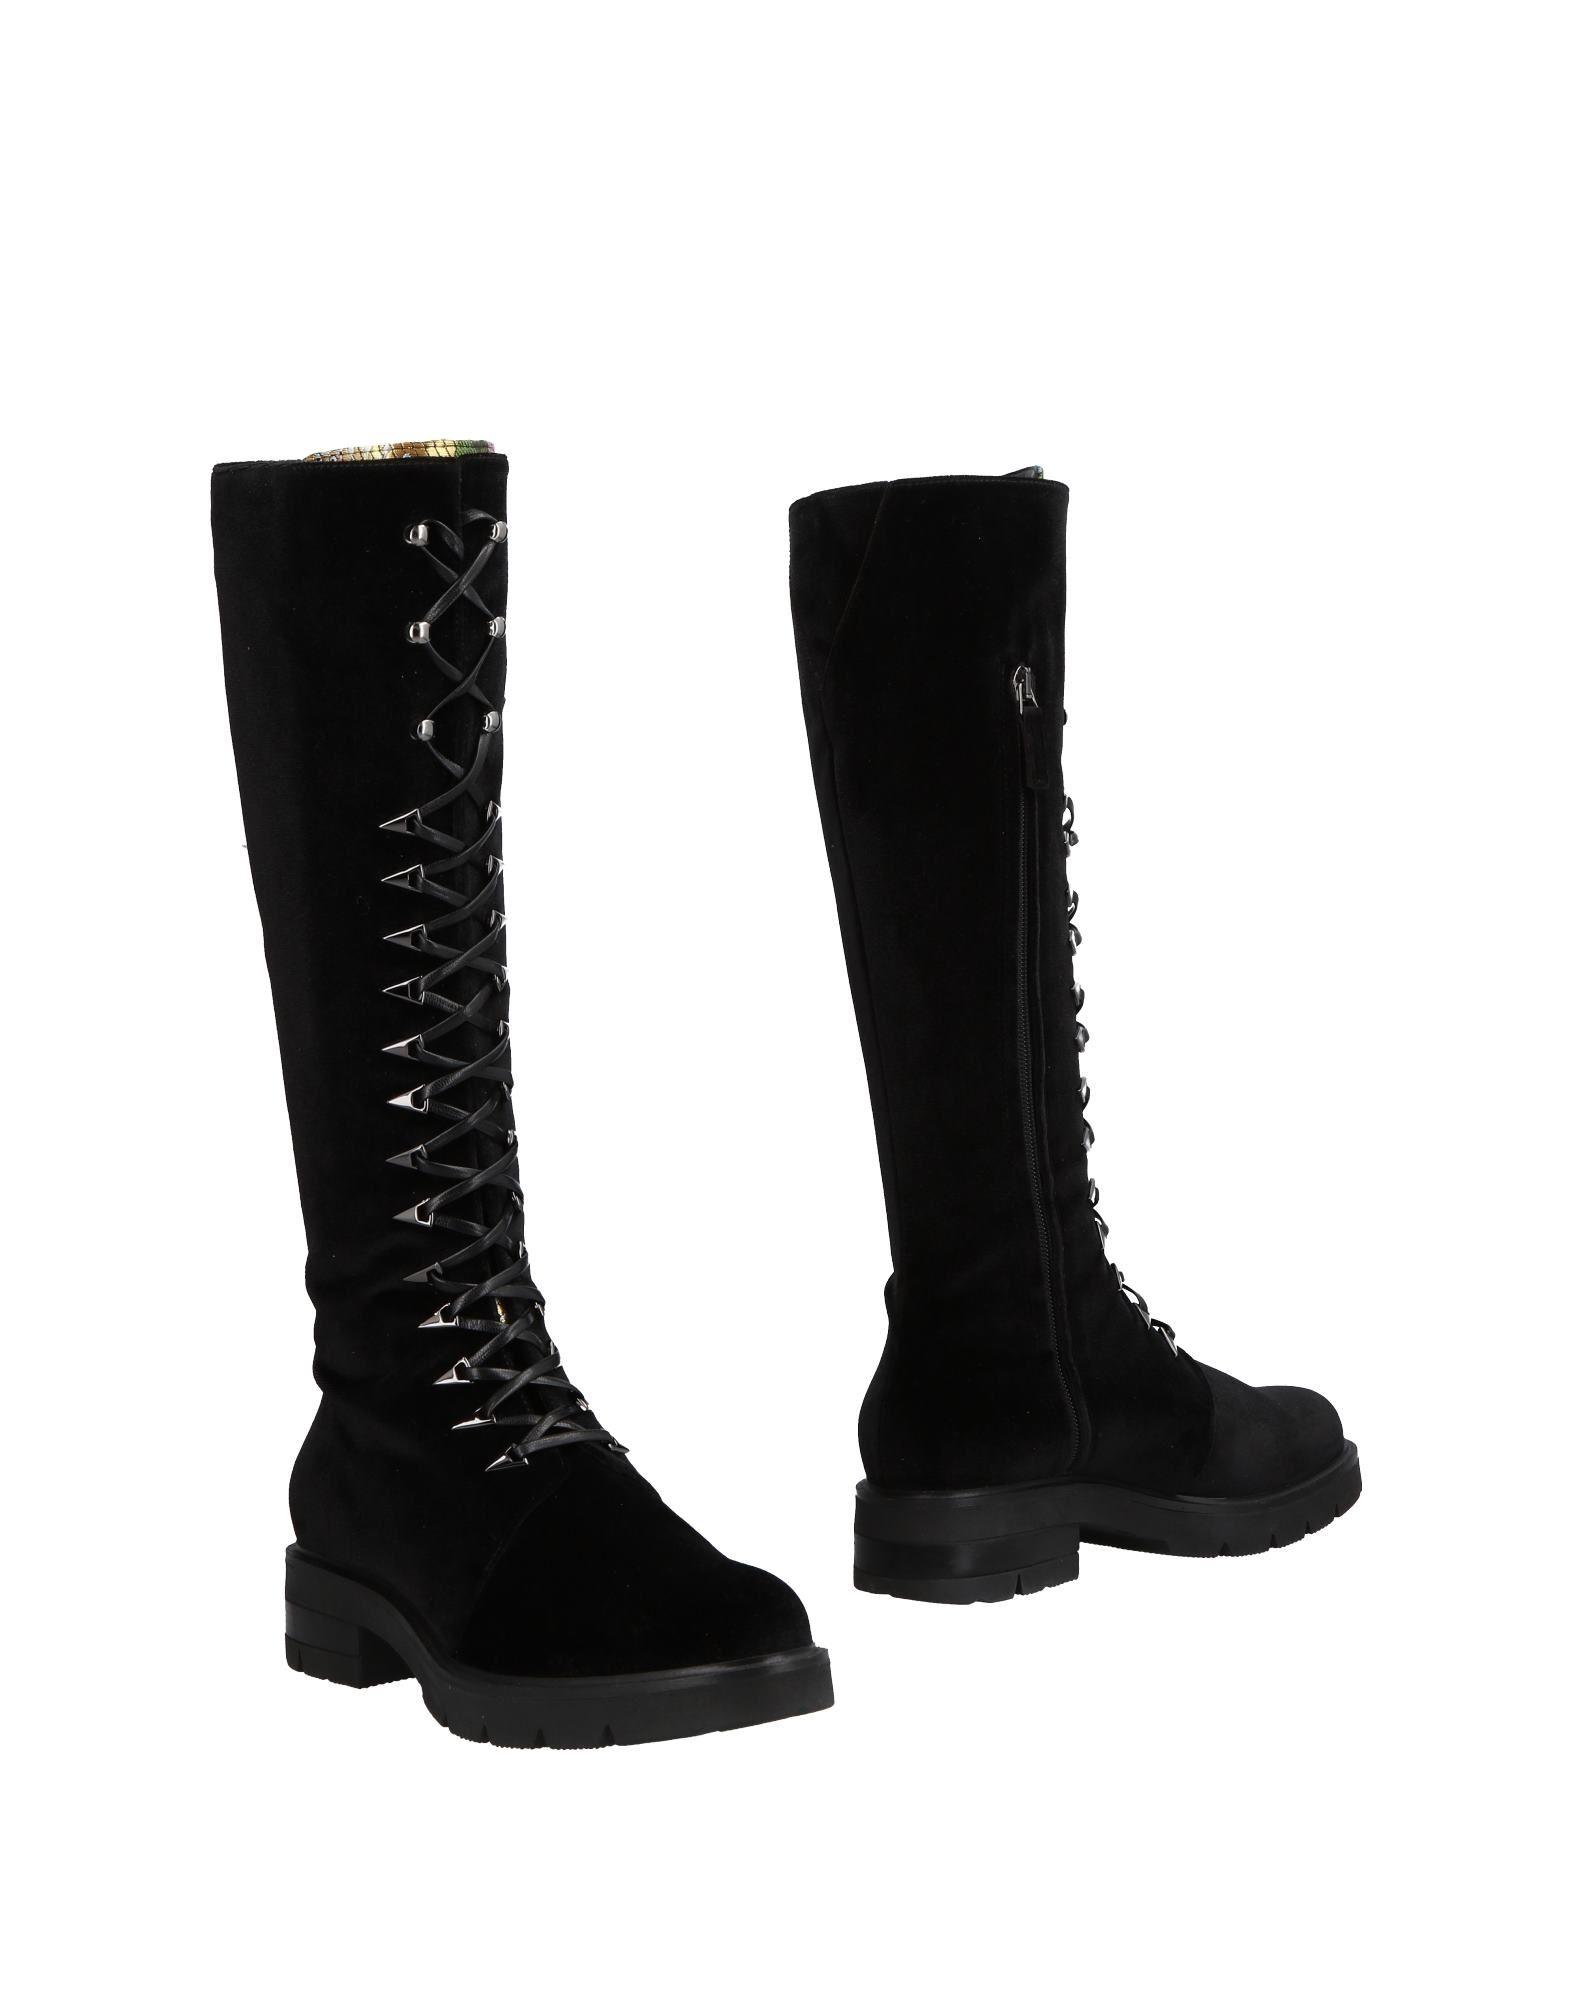 LAMPERTI MILANO Boots in Black